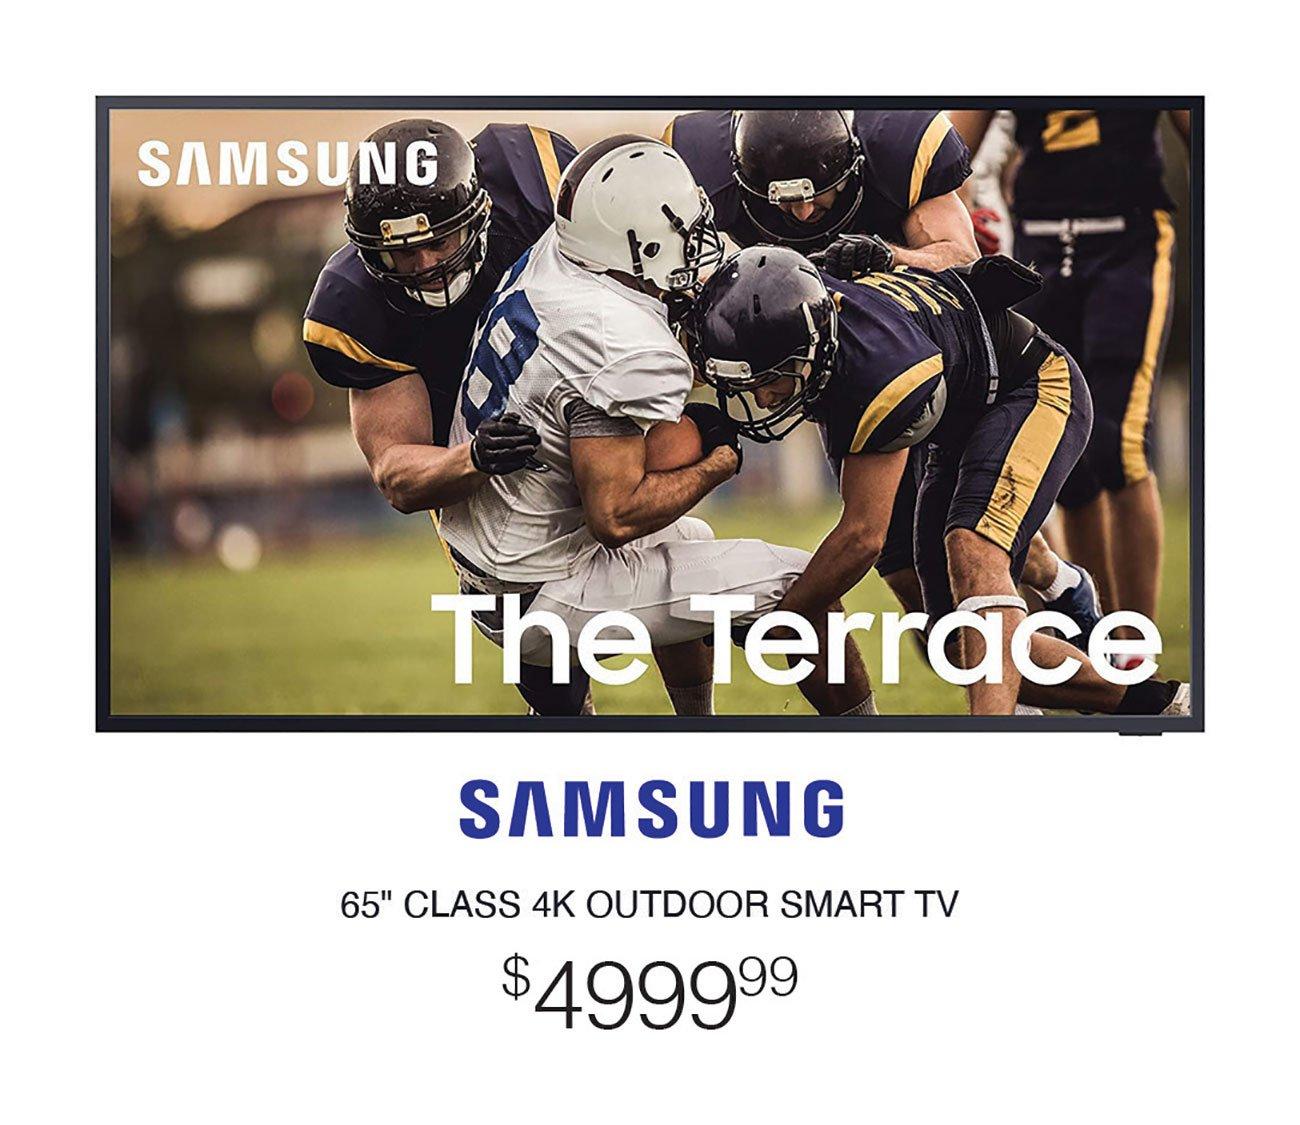 Samsung-65-Class-4K-Outdoor-Smart-TV